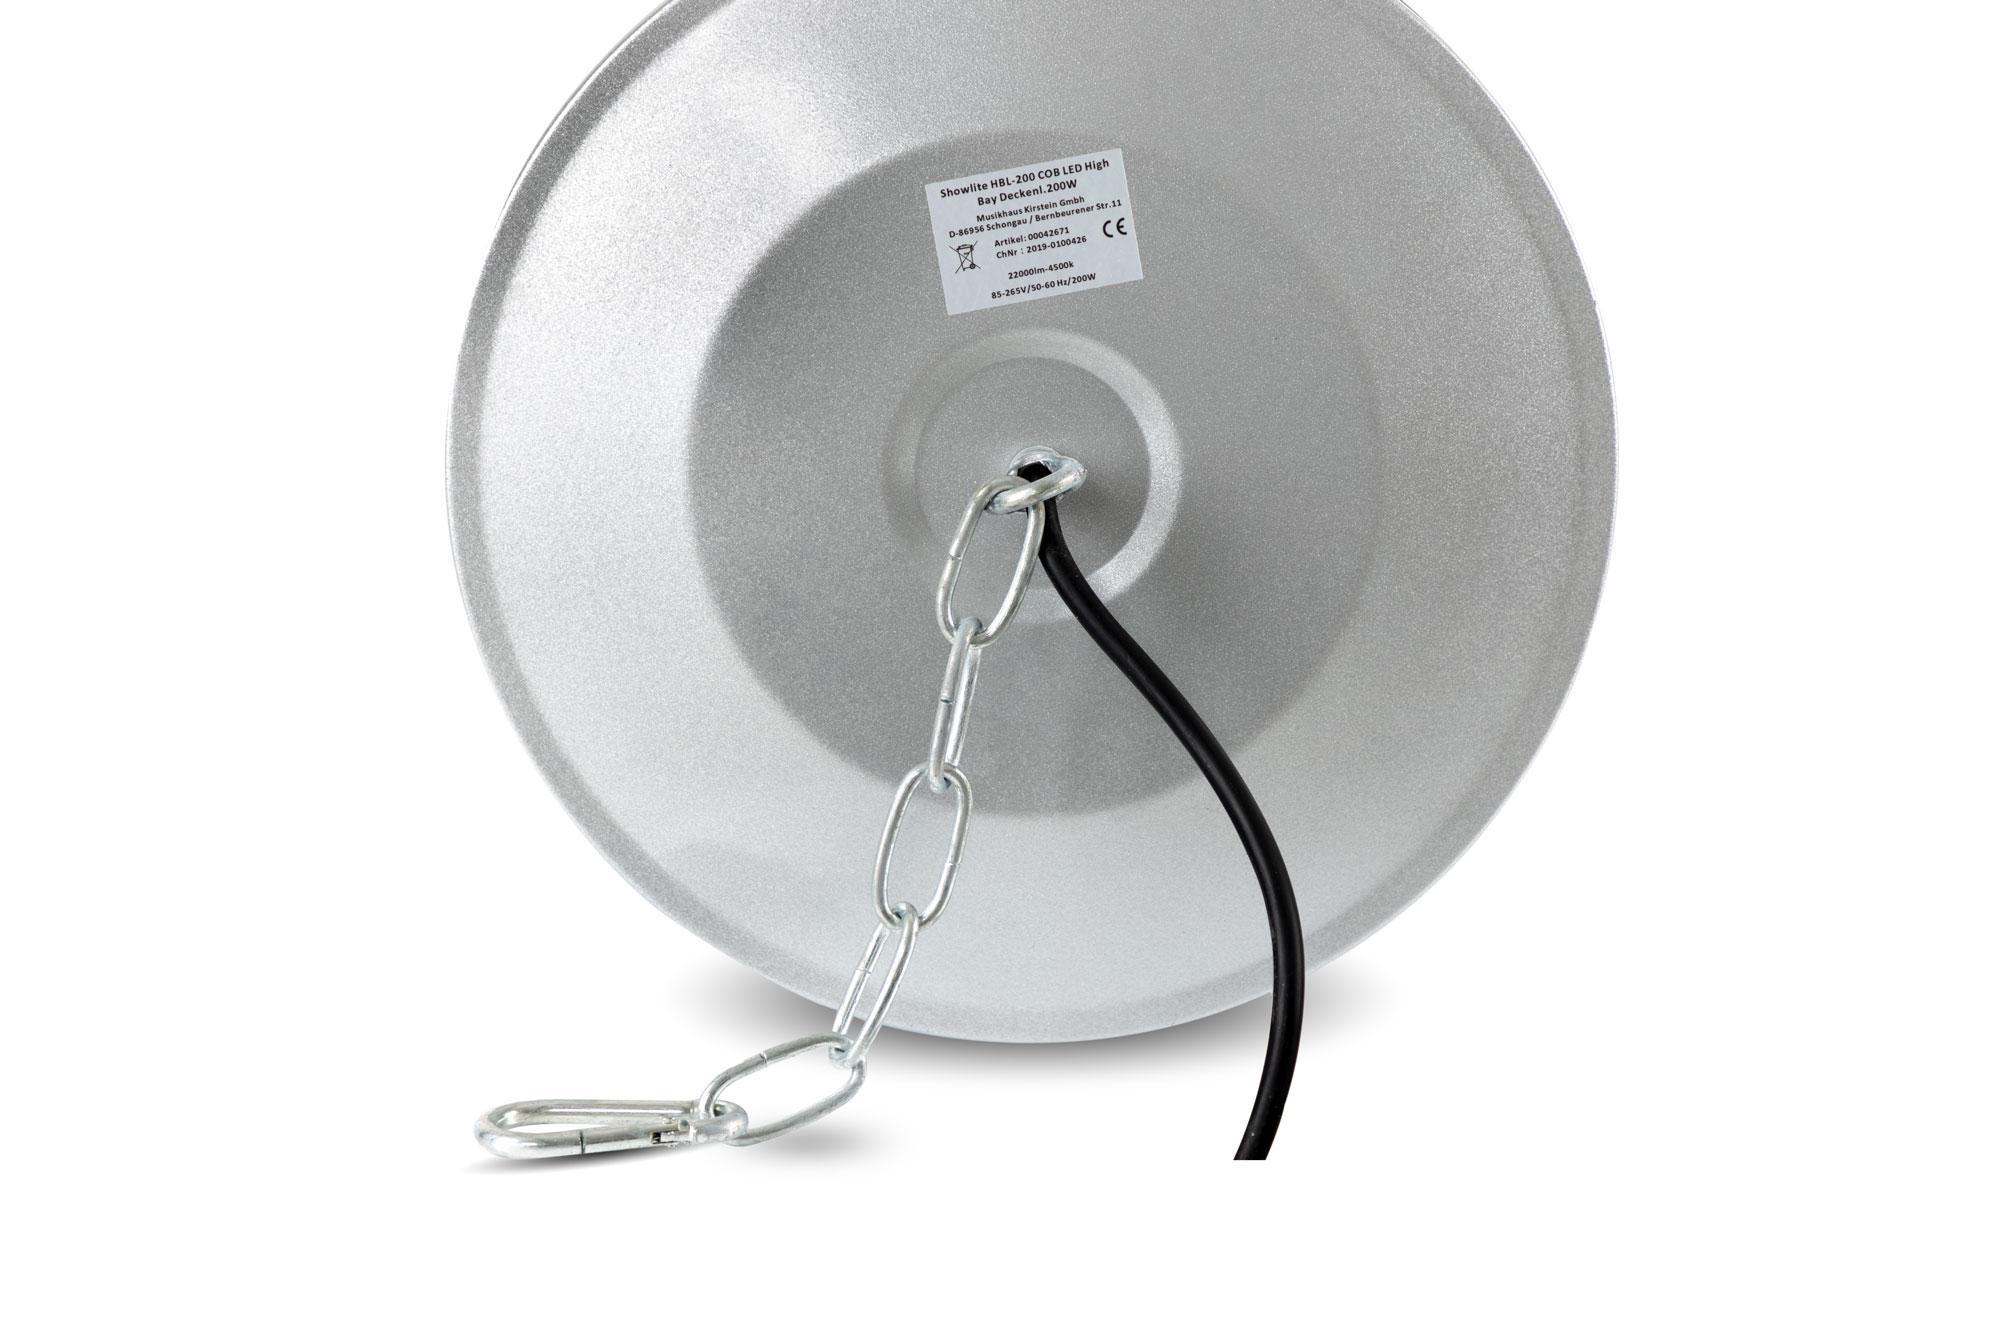 led hallenstrahler cob 50 100 150 210 watt industrie lampe alu high bay fluter ebay. Black Bedroom Furniture Sets. Home Design Ideas